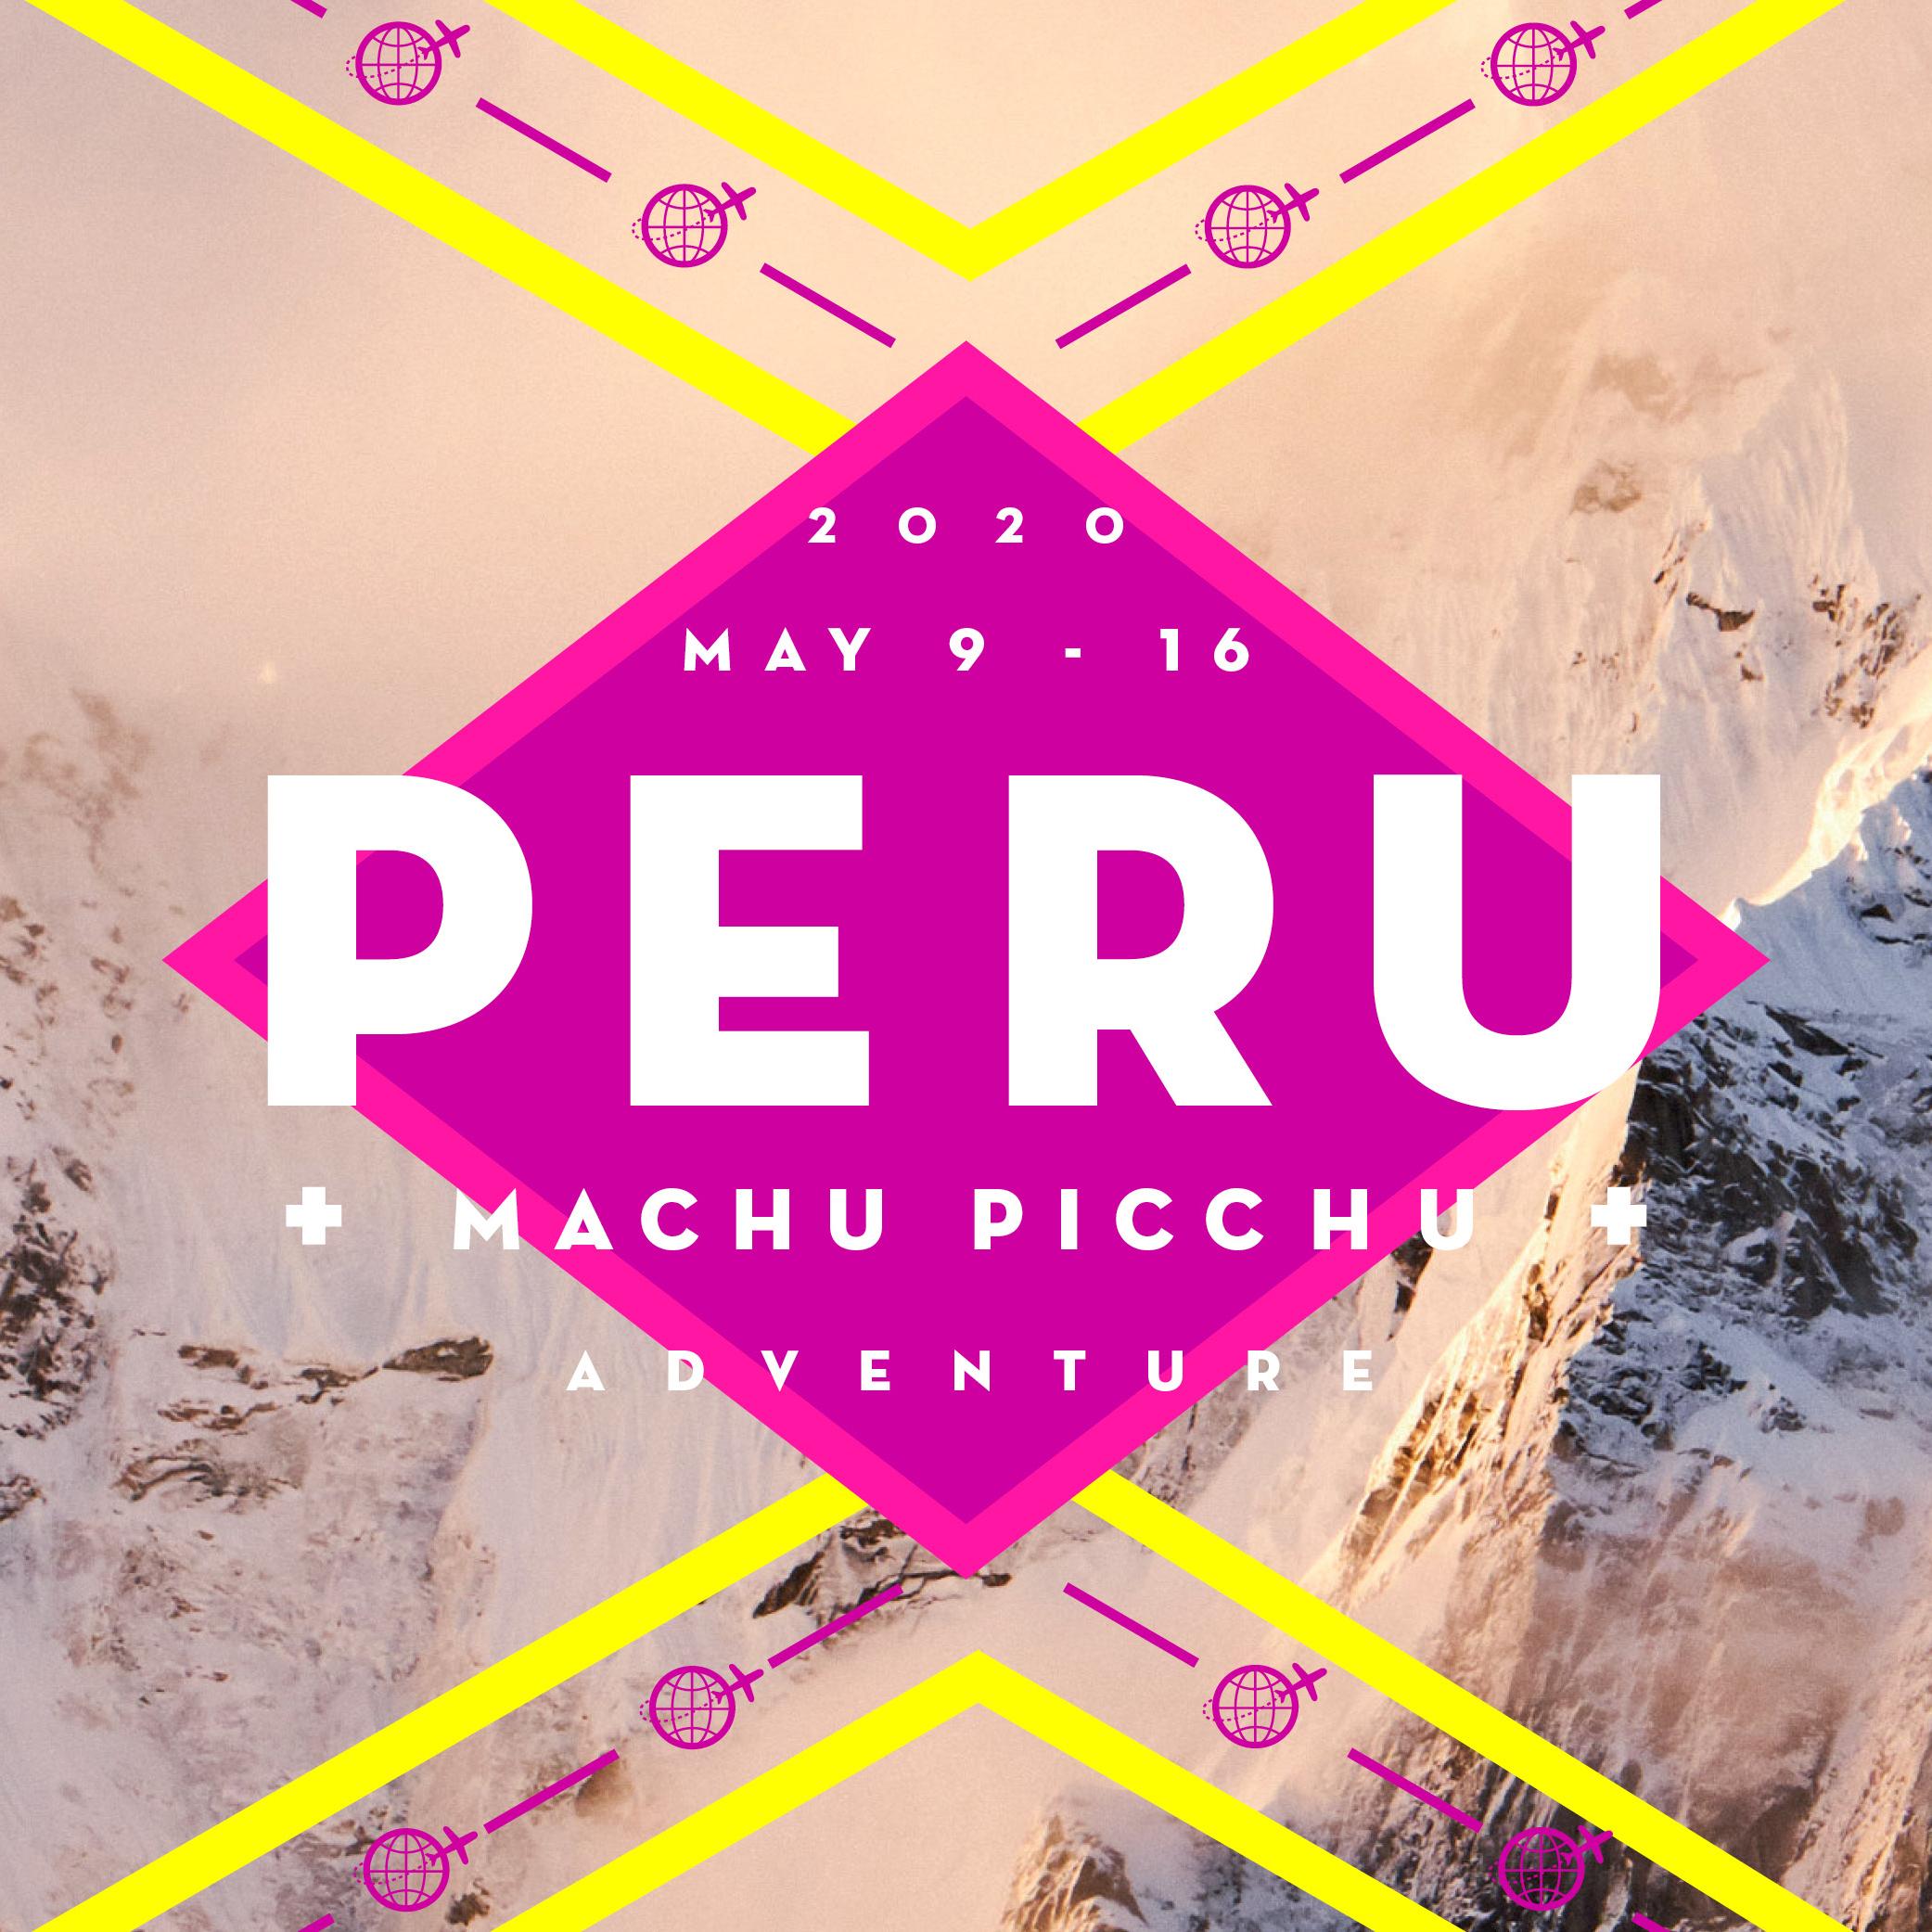 MAY 9 - 16 - 2020PERU + MACHU PICCHU$2,550